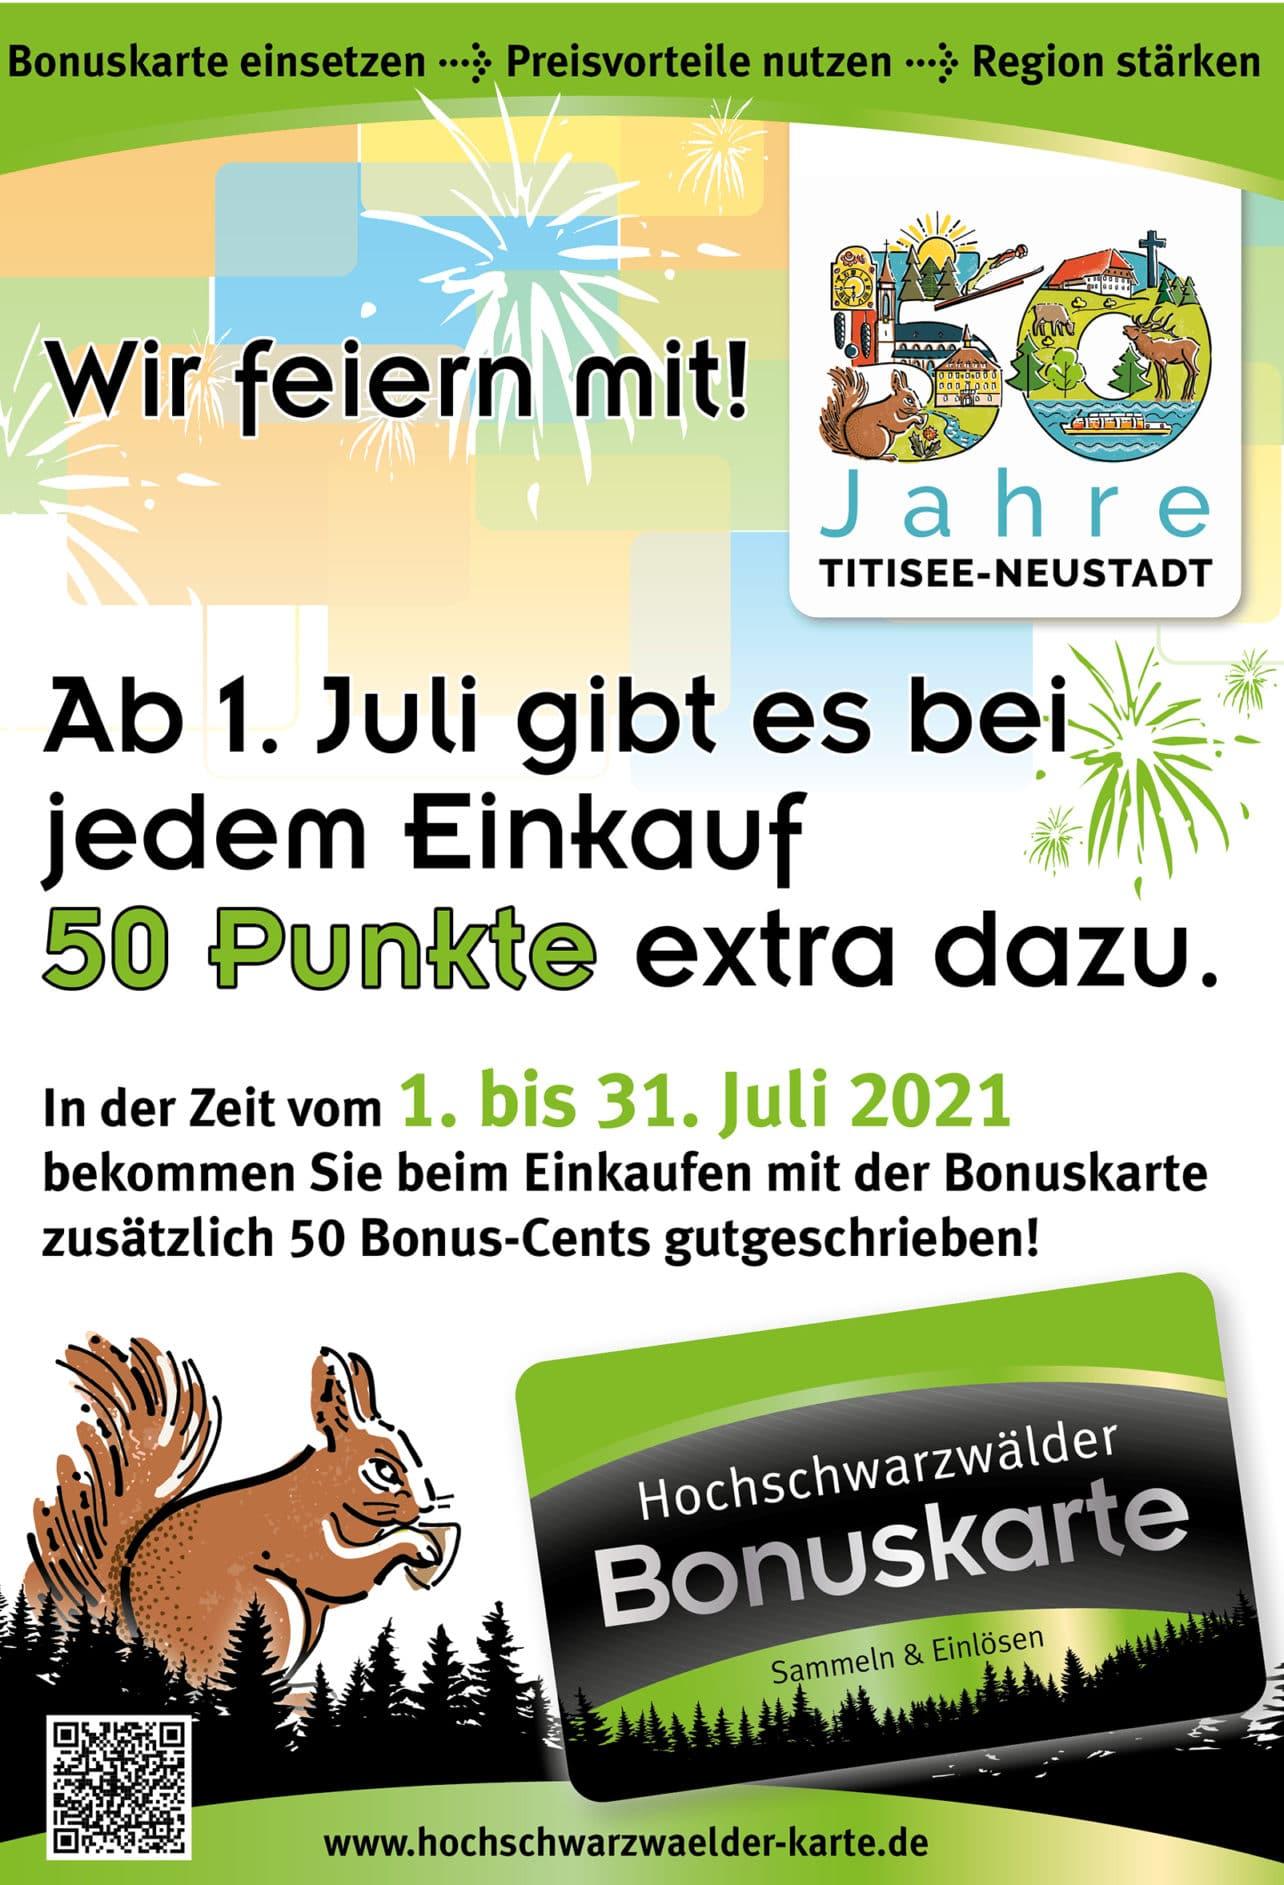 Bei jedem Einkauf bekommen Sie im Juli 50 Punkte auf Ihre Hochschwarzwälder Bonuskarte dazu.